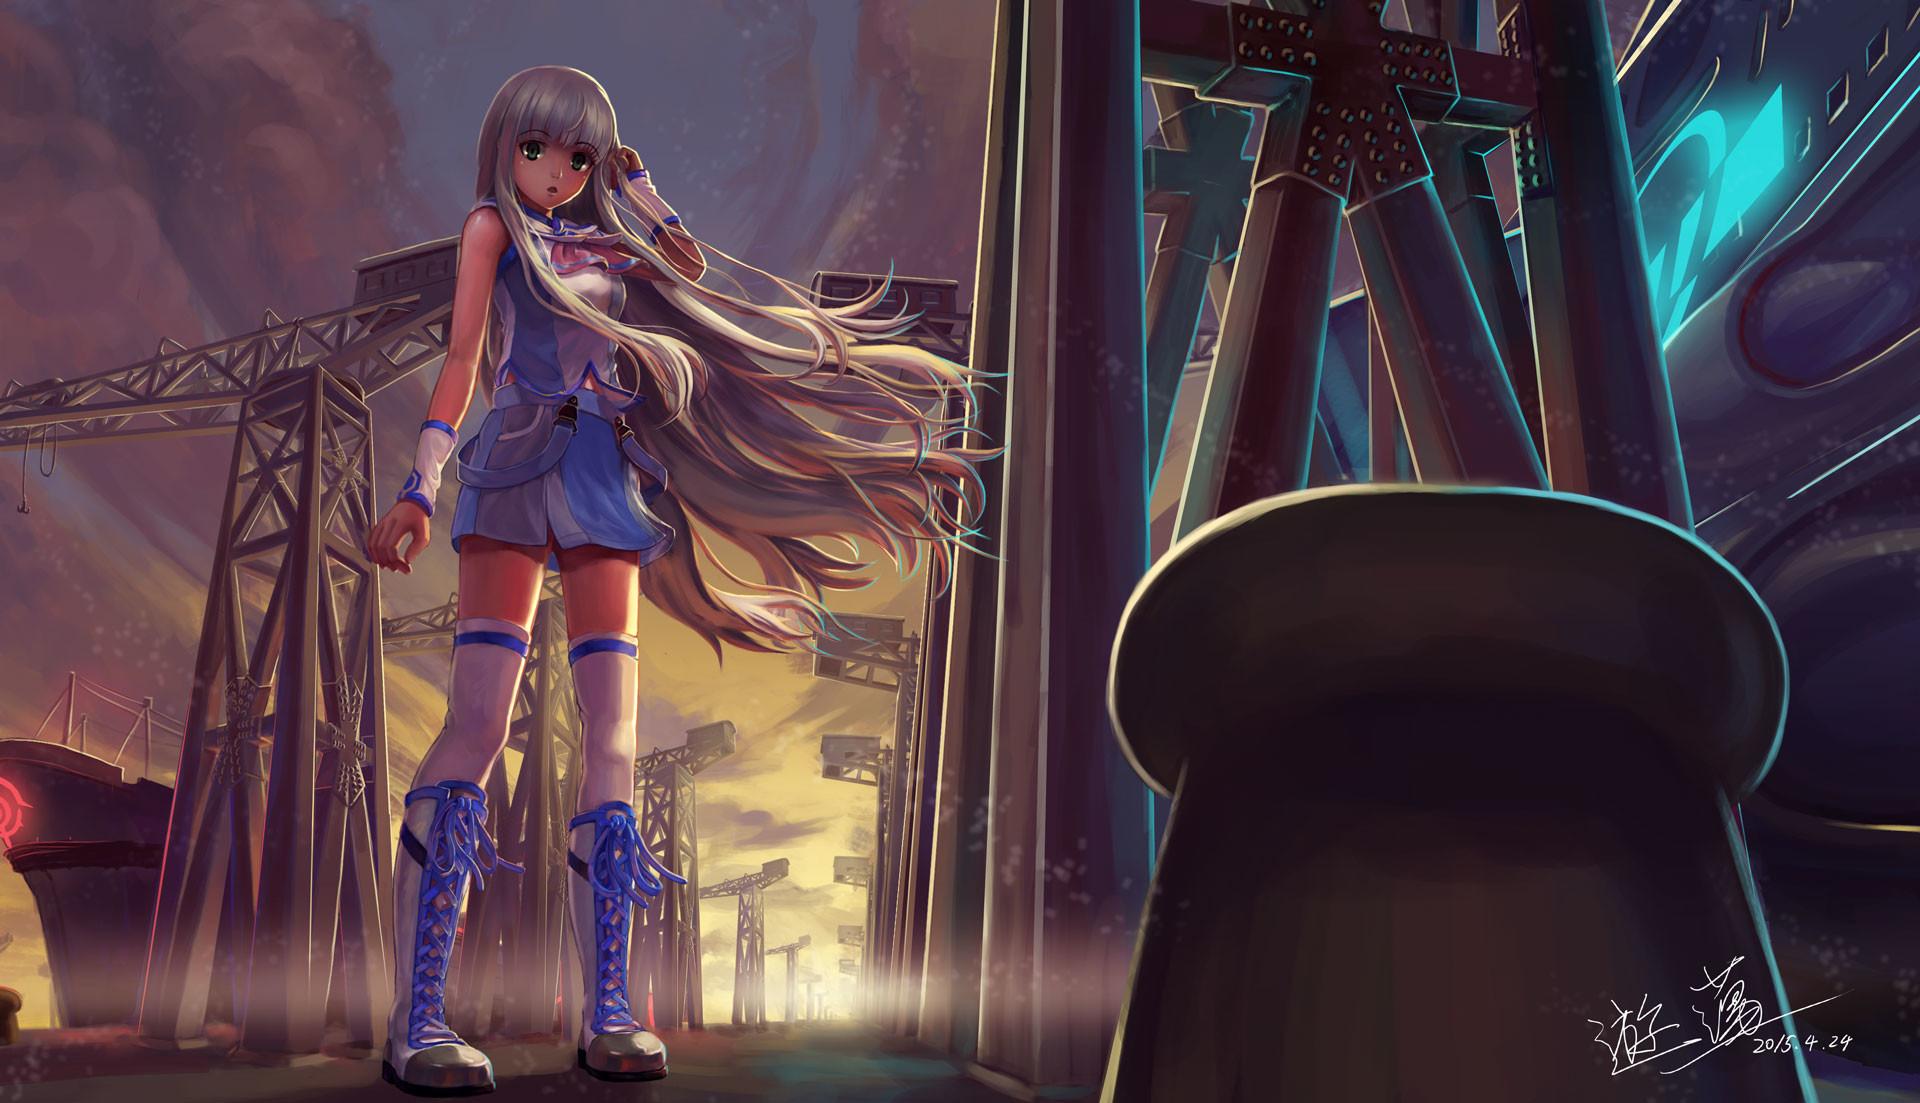 Anime – Arpeggio of Blue Steel Iona (Arpeggio Of Blue Steel) Wallpaper